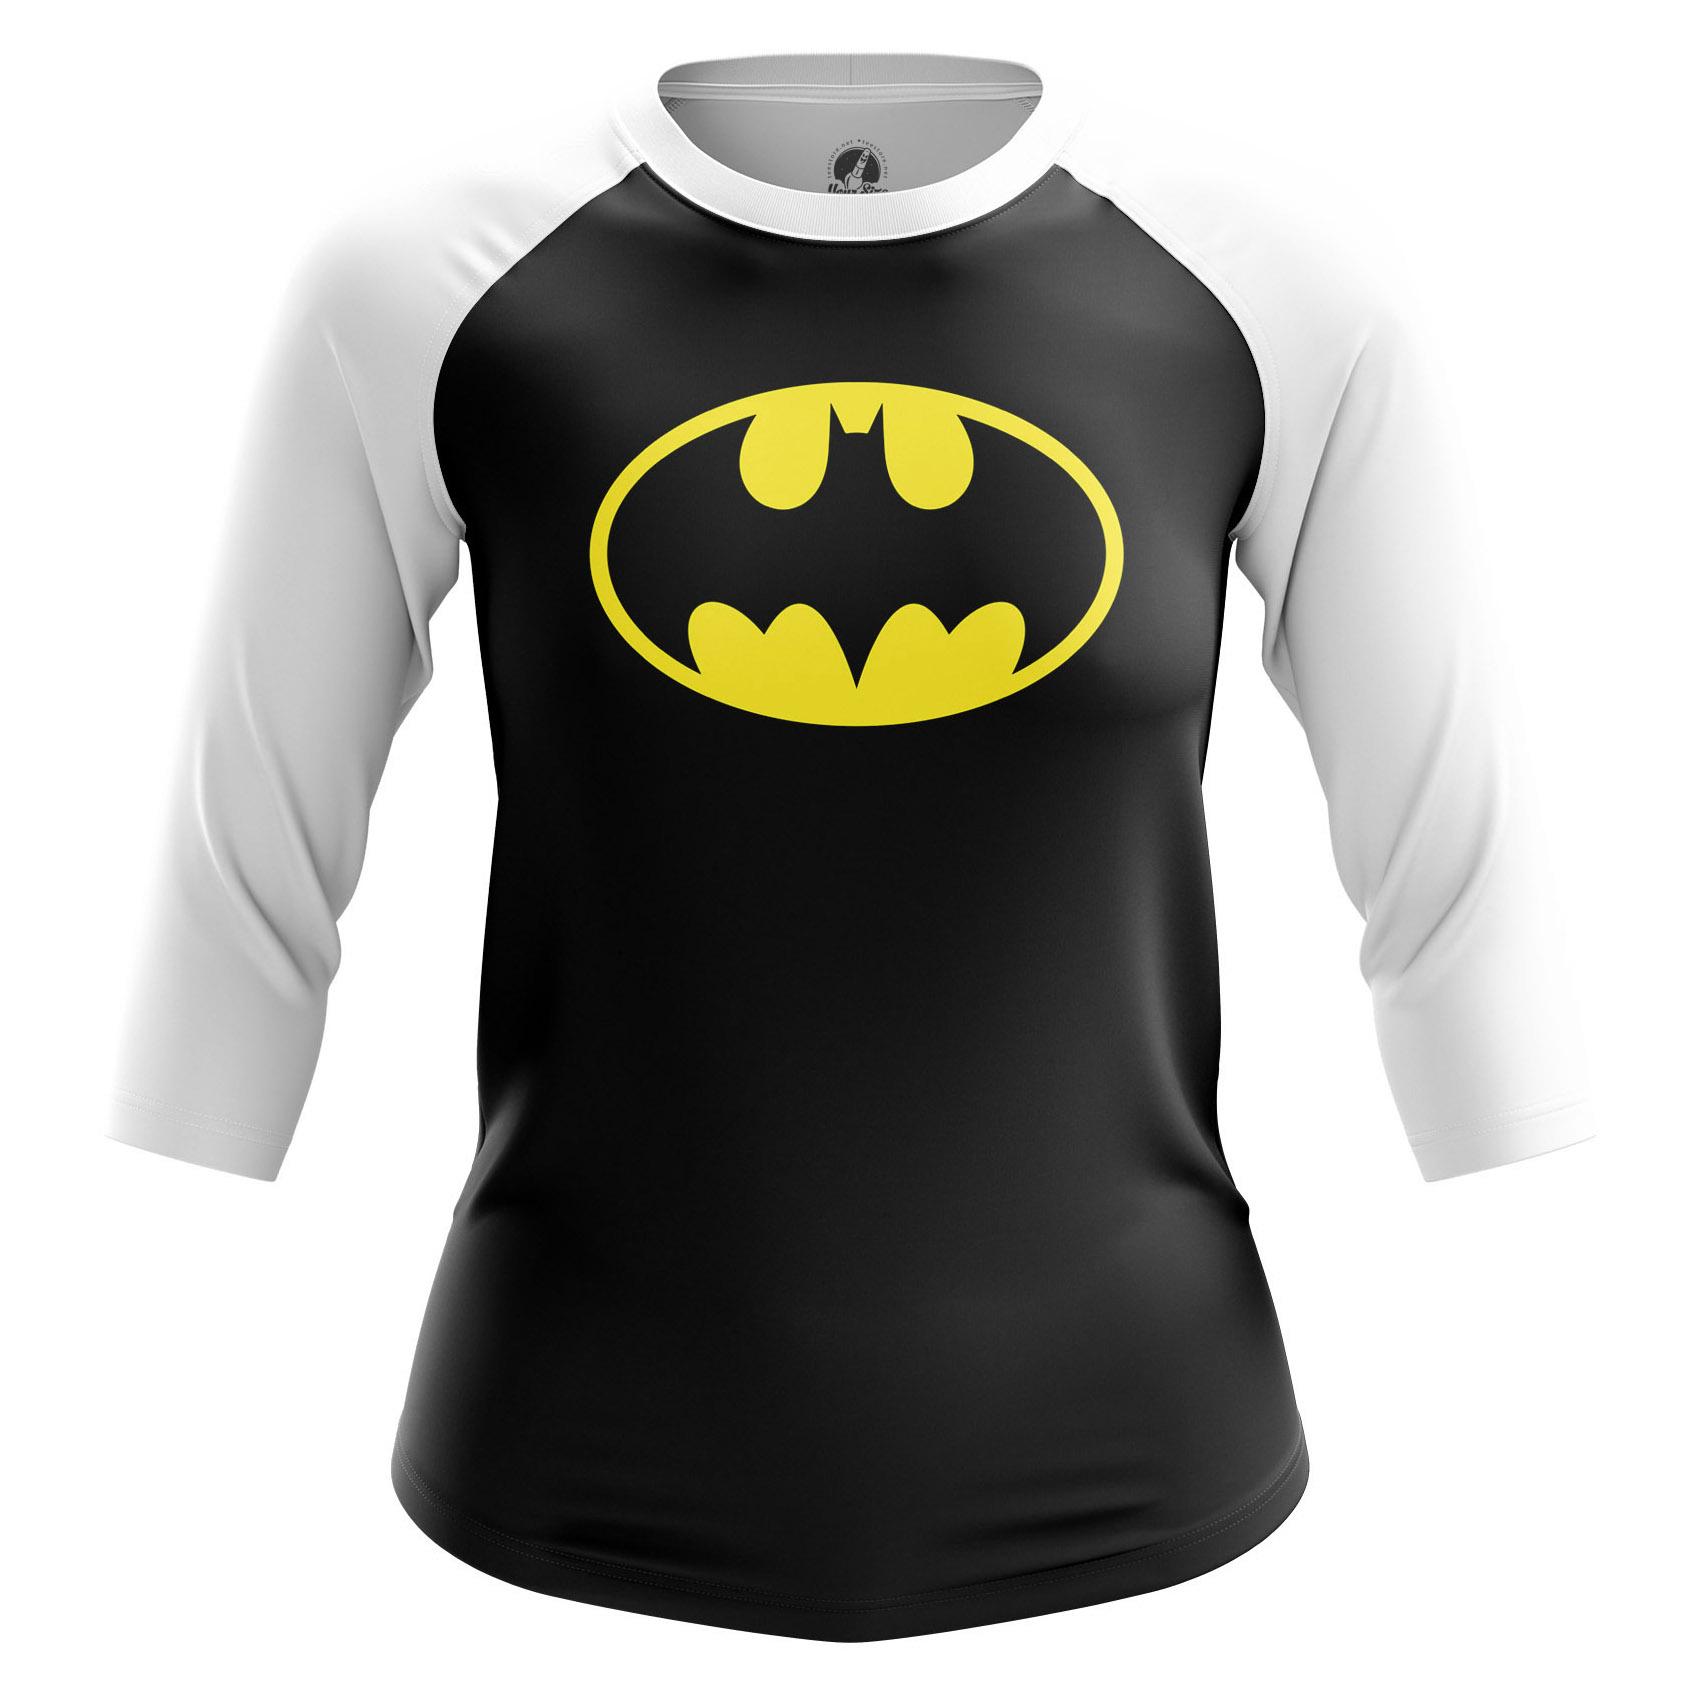 W-Rag-Batmanlogo_1482275253_74